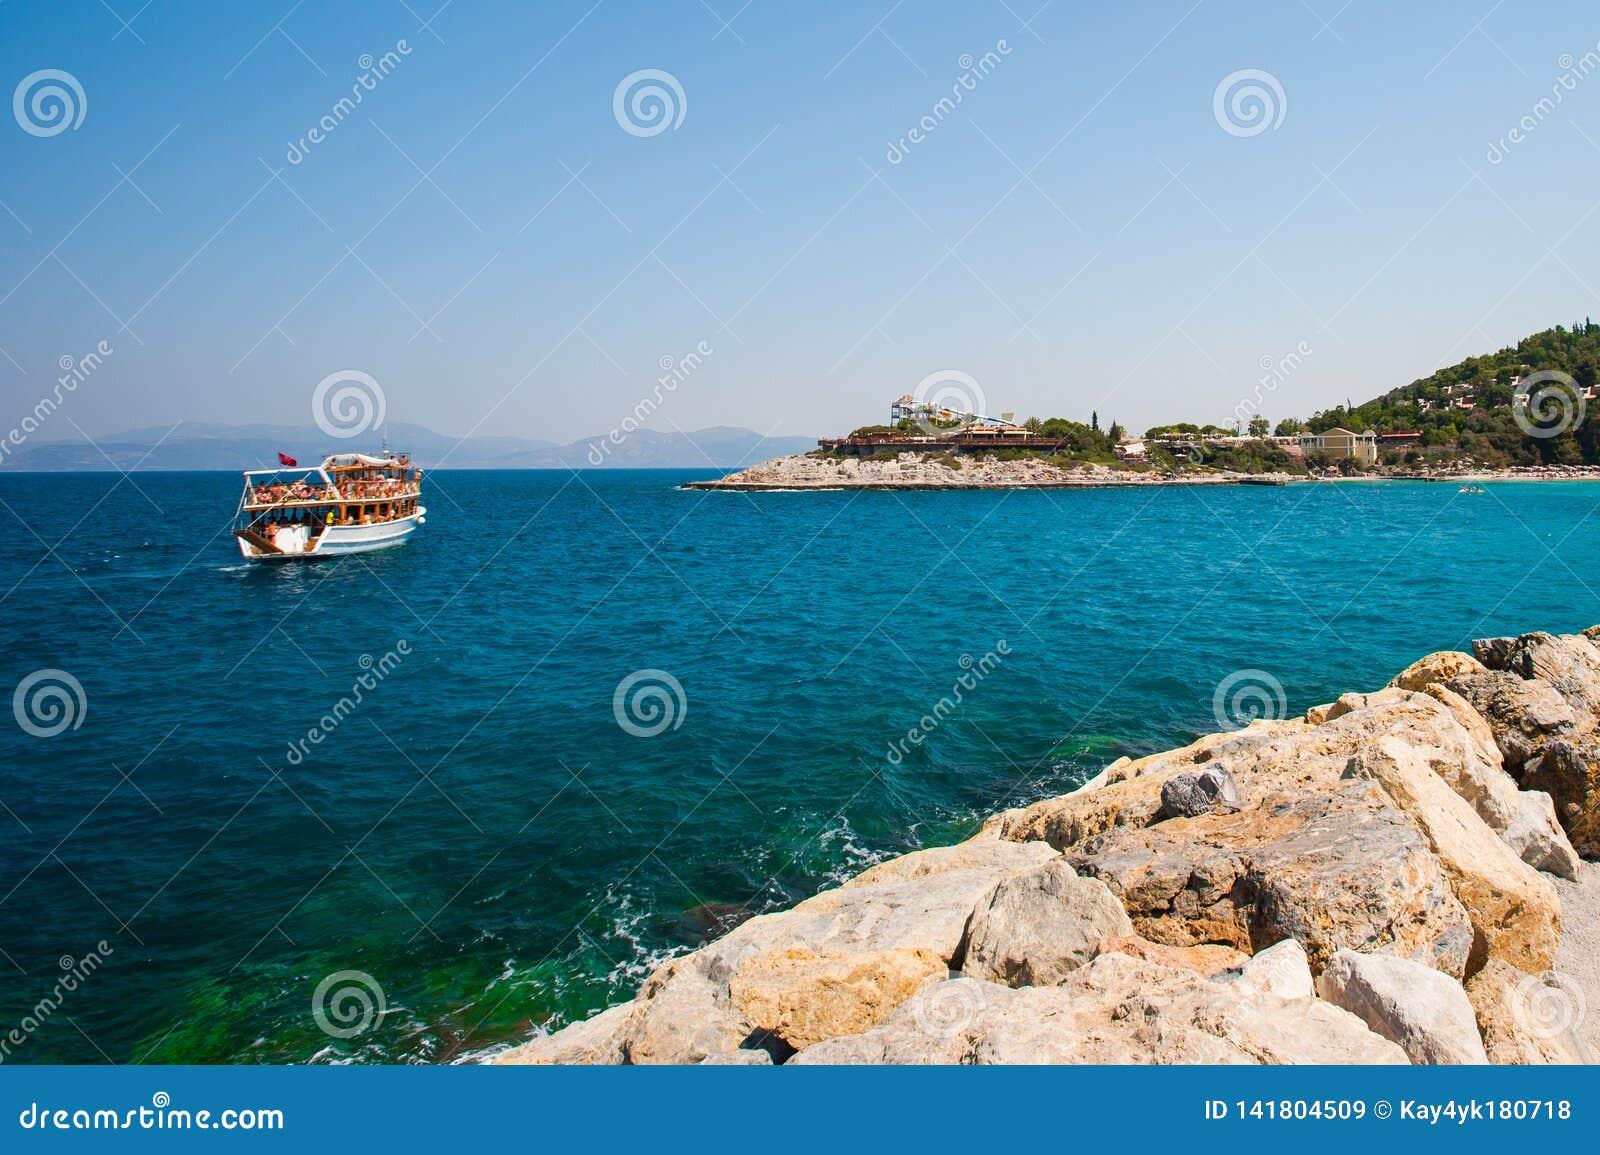 Los turistas navegaron en un barco, yate, nave cerca de la orilla